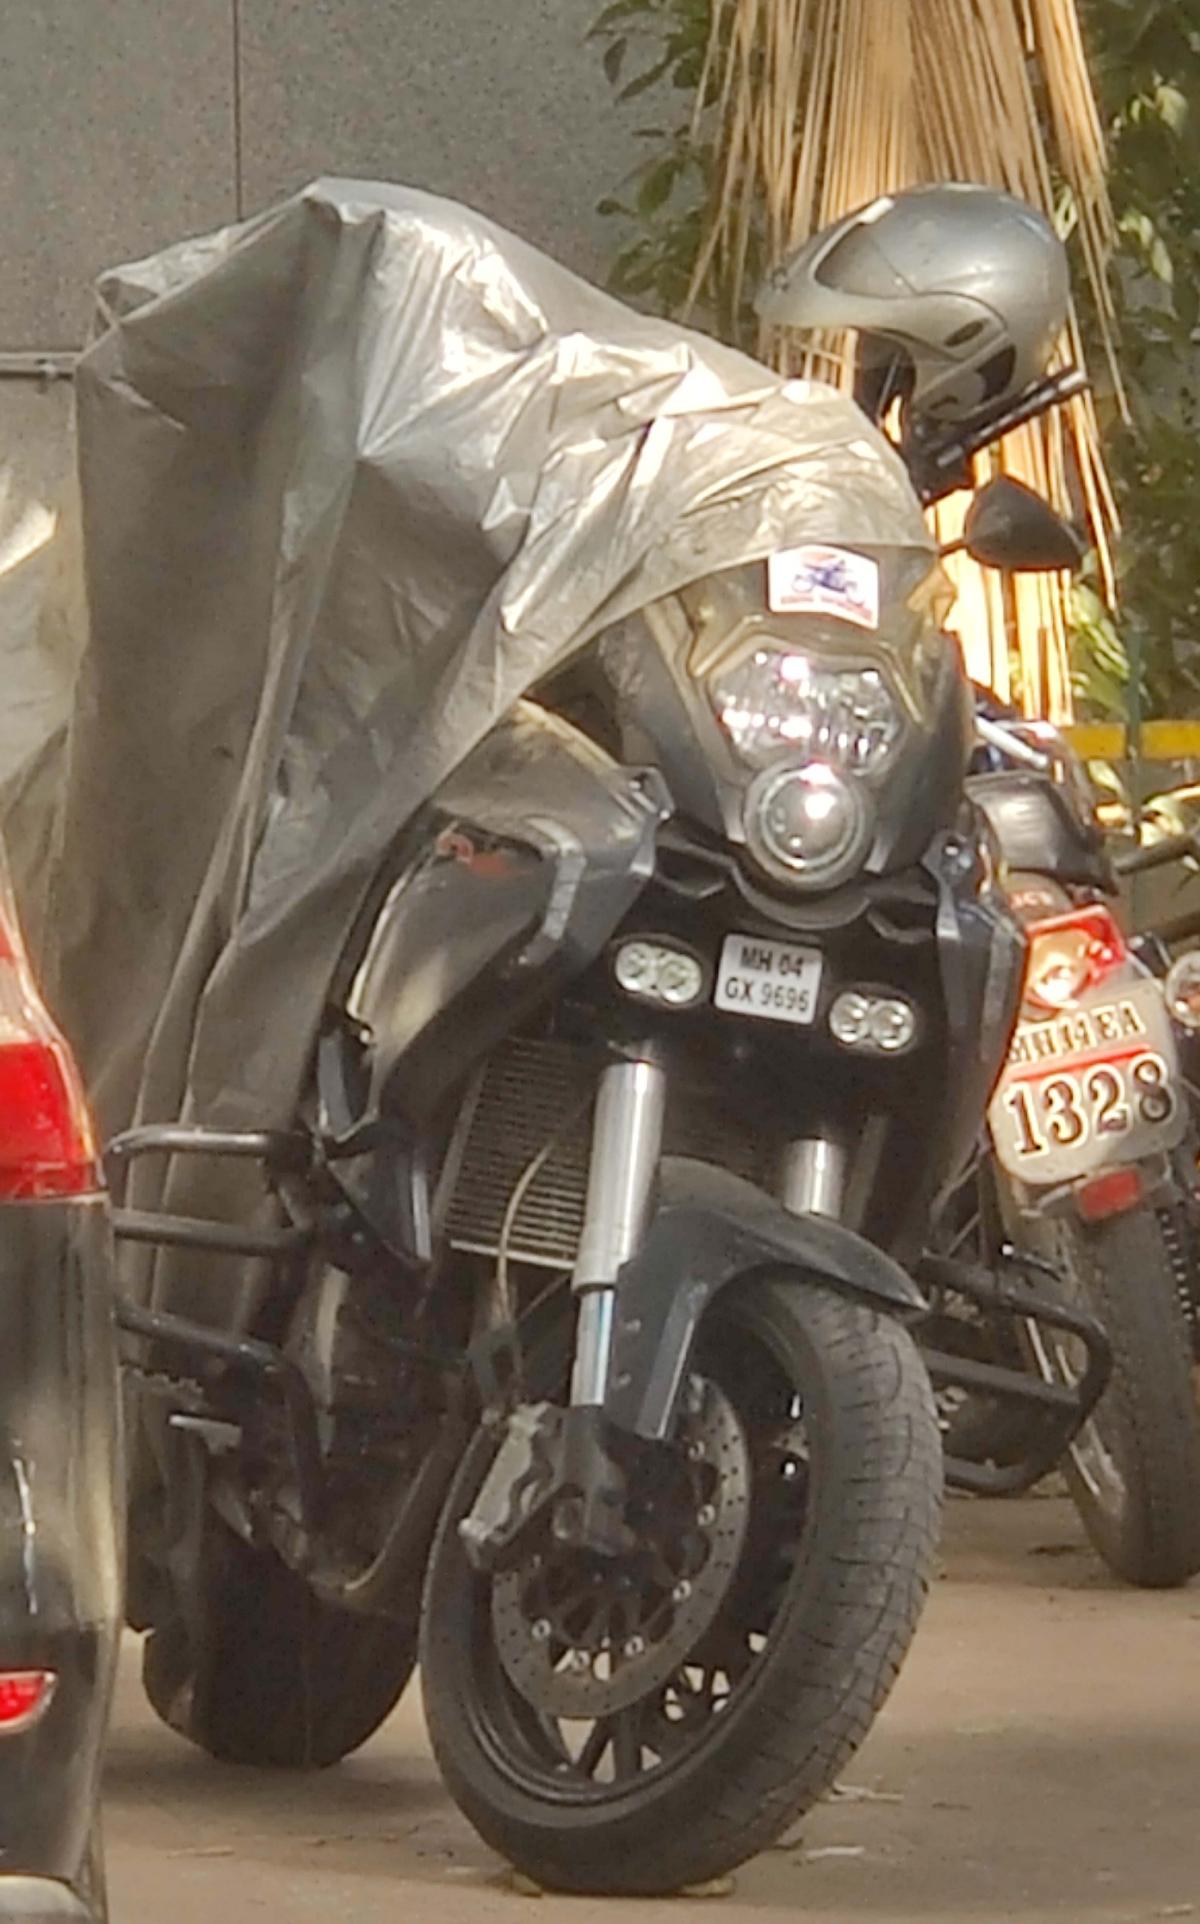 Antilia bomb scare: NIA seizes sports bike from Daman